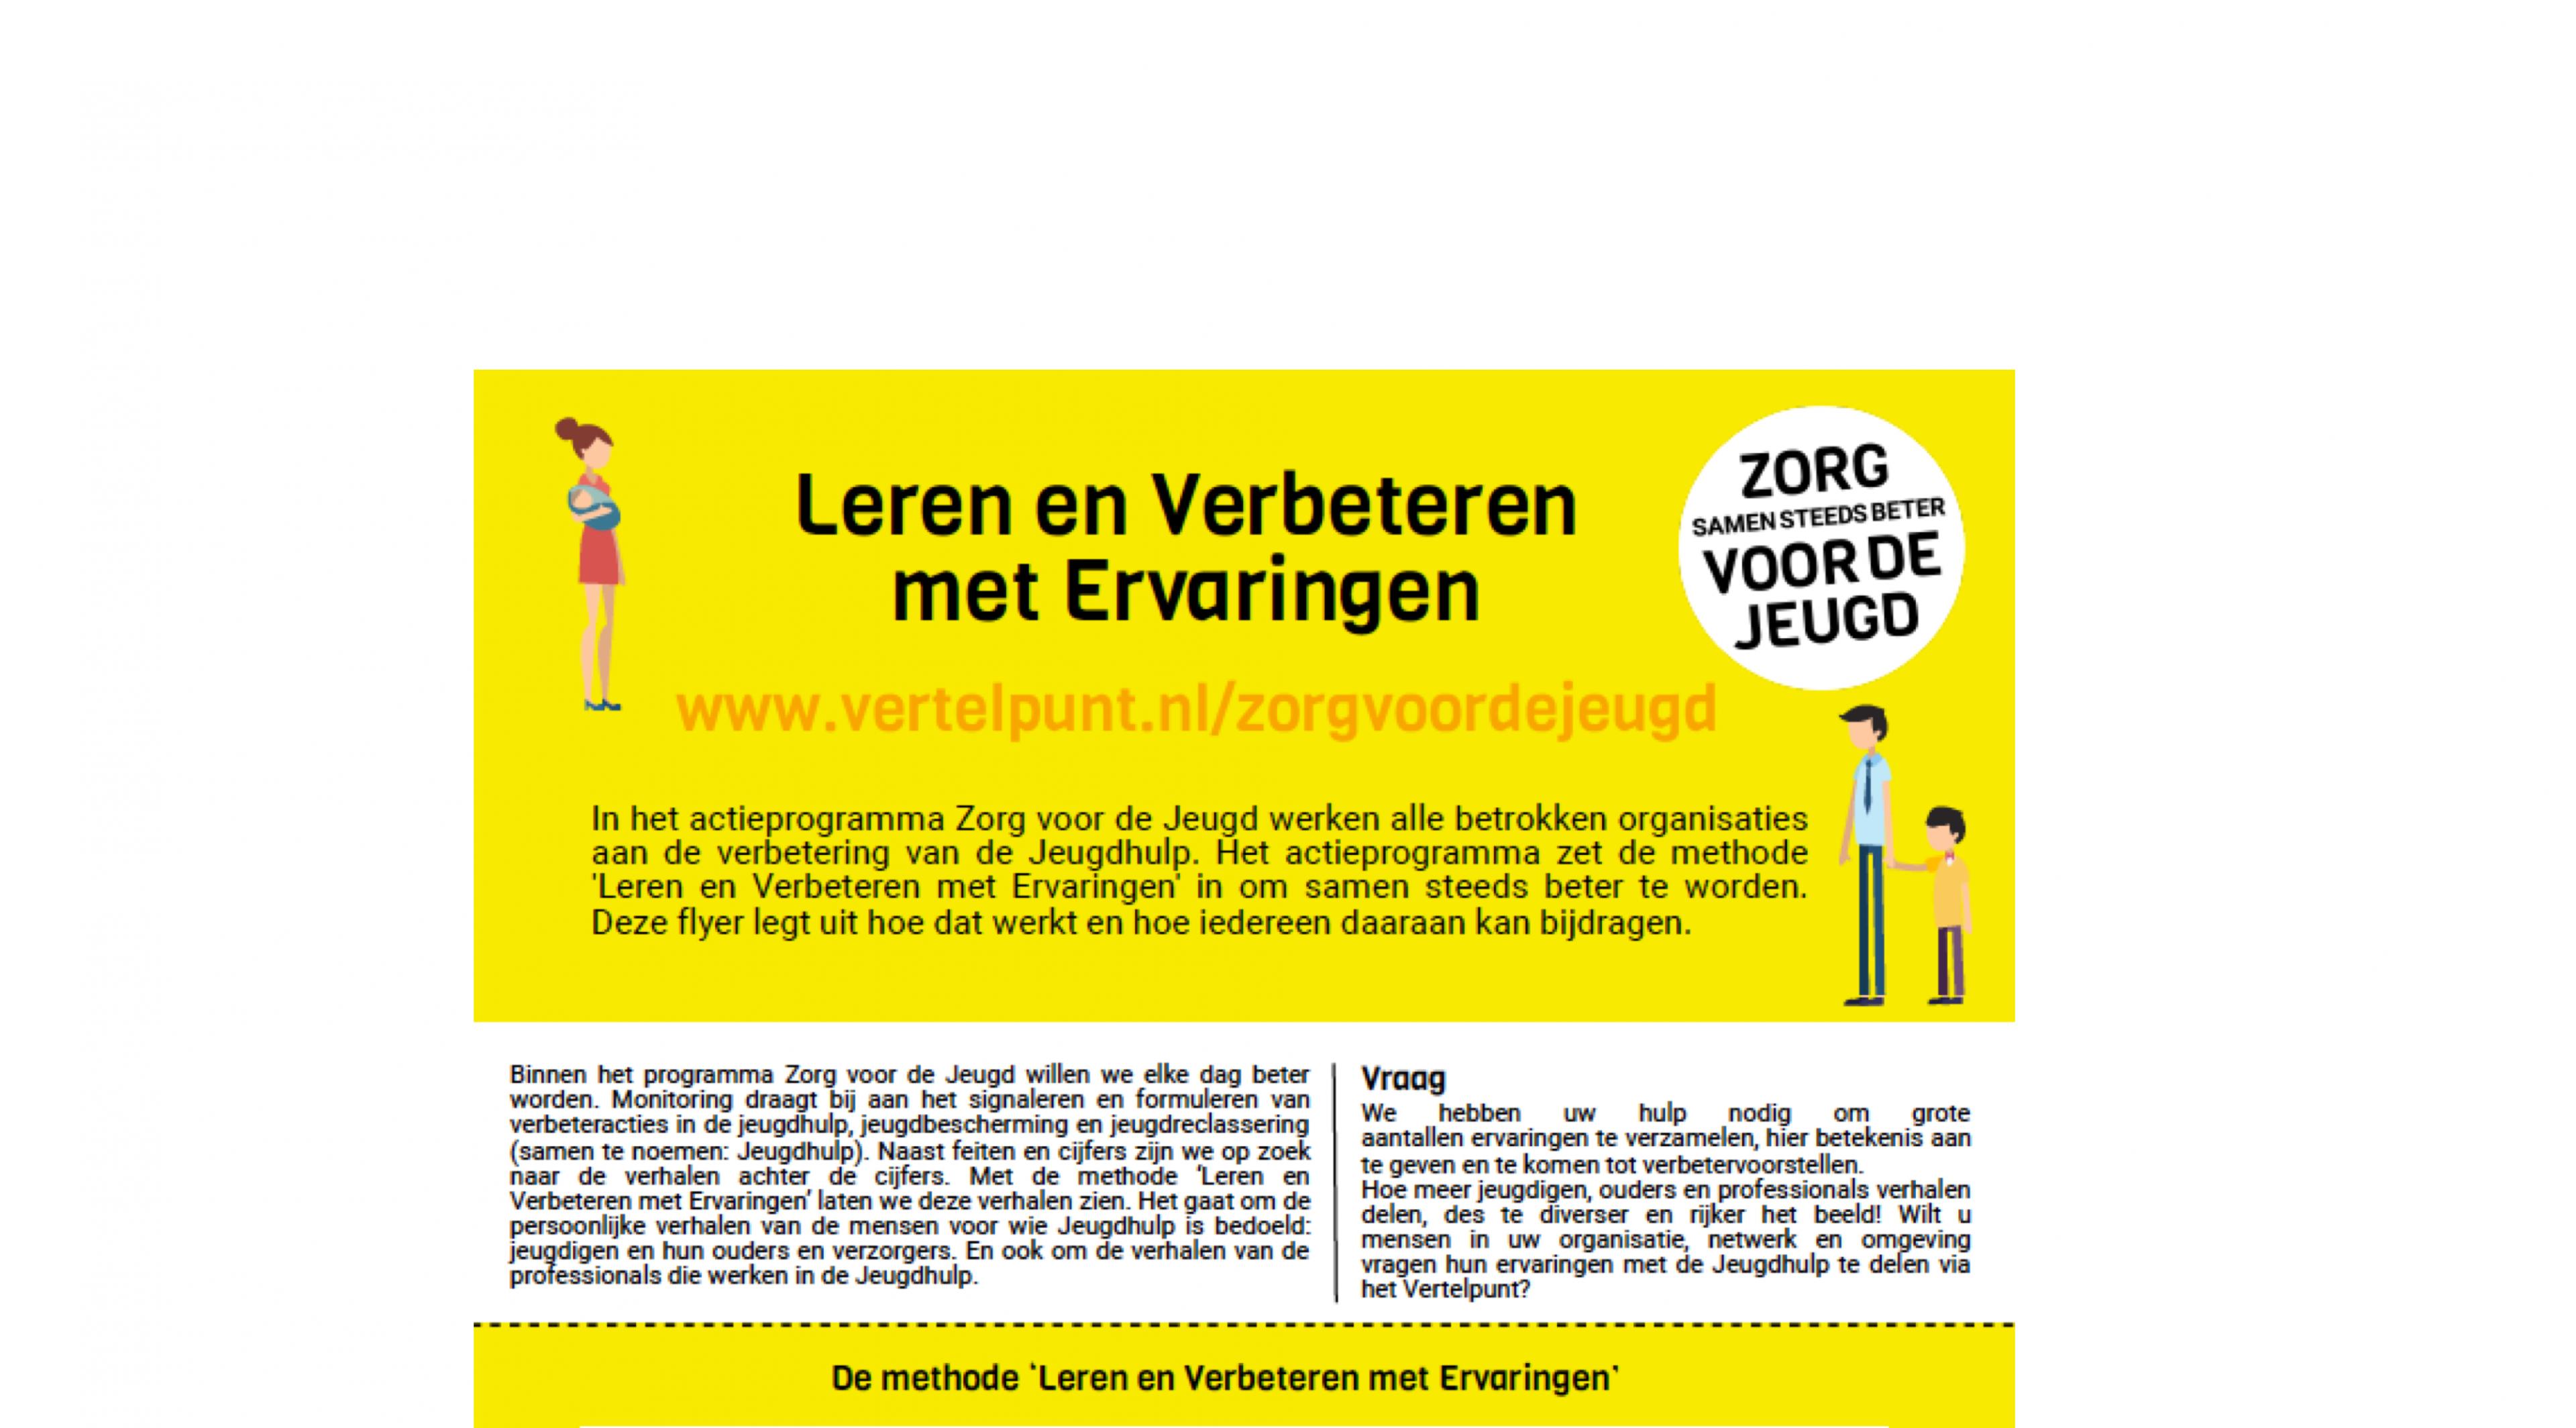 Flyer van Zorg voor de Jeugd legt uit hoe de methode werkt.